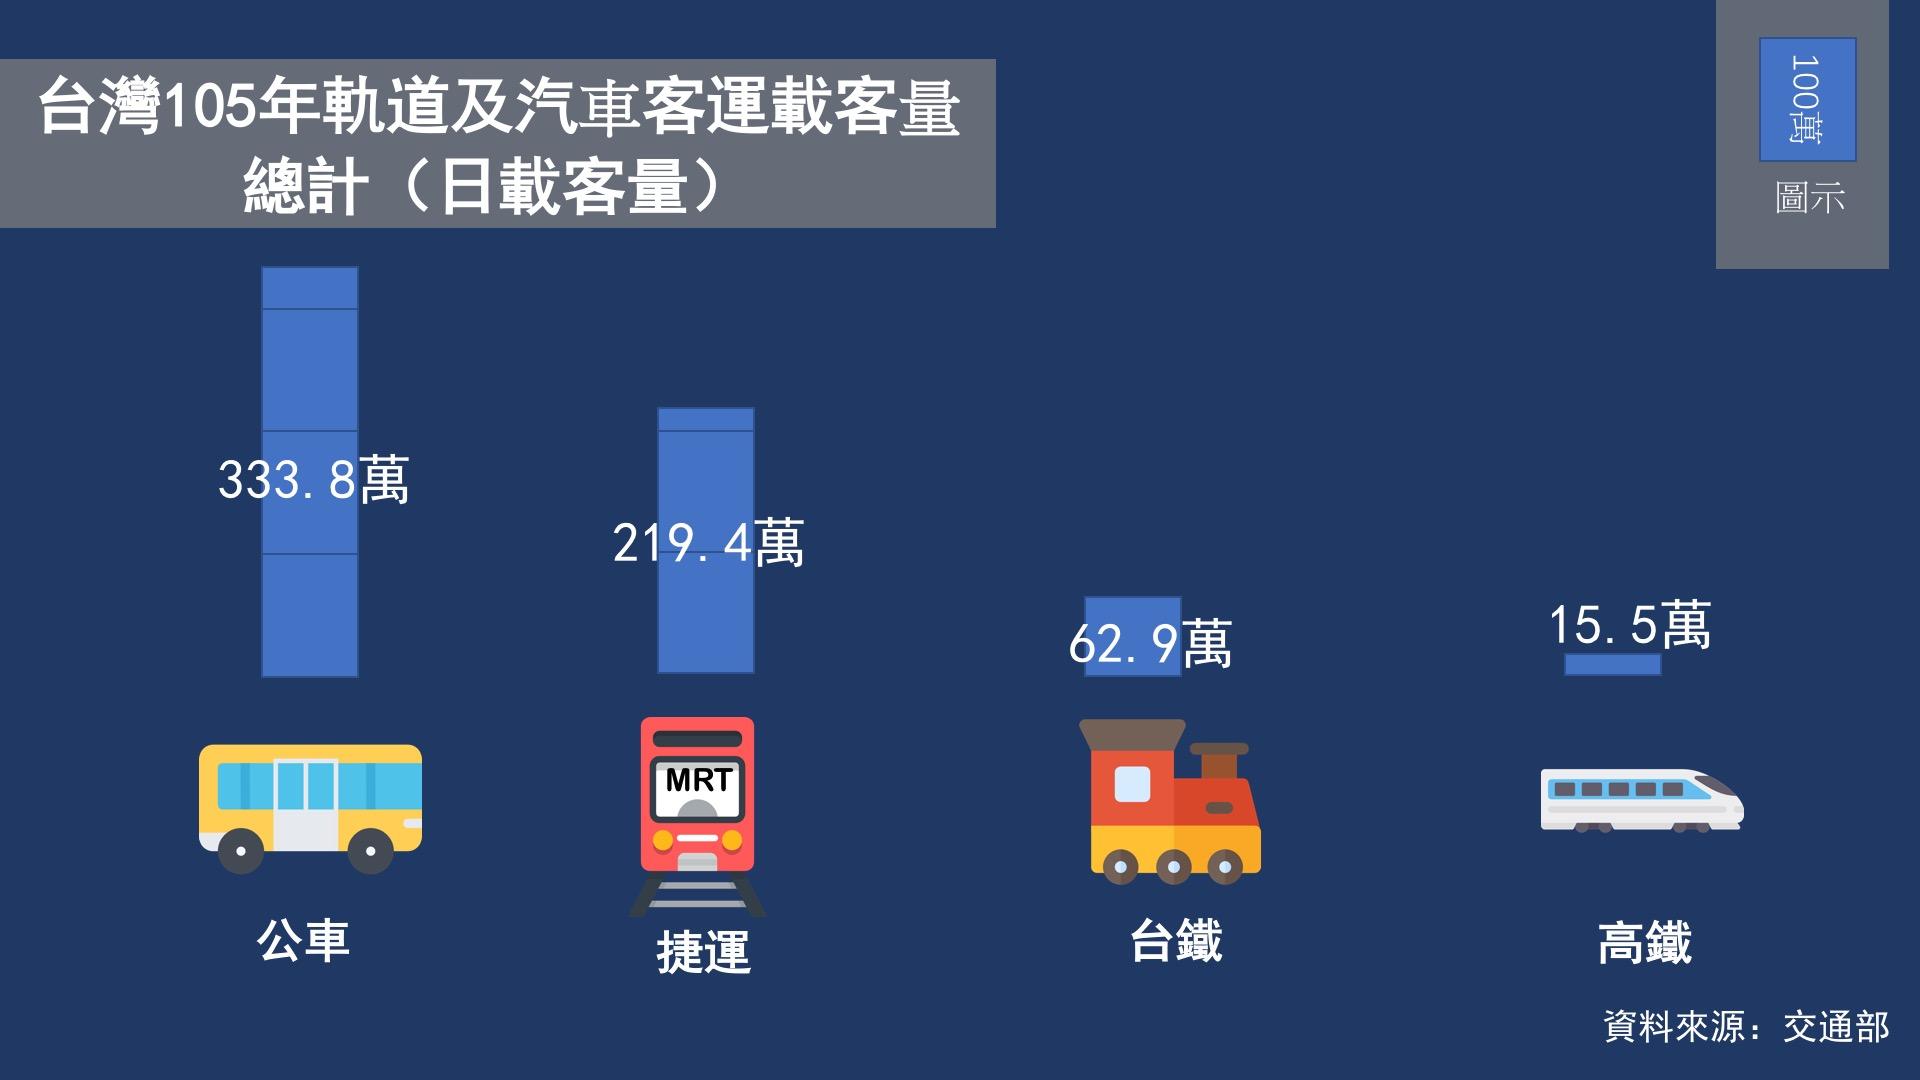 台灣105年軌道及汽車客運日載客量,捷運排第二。